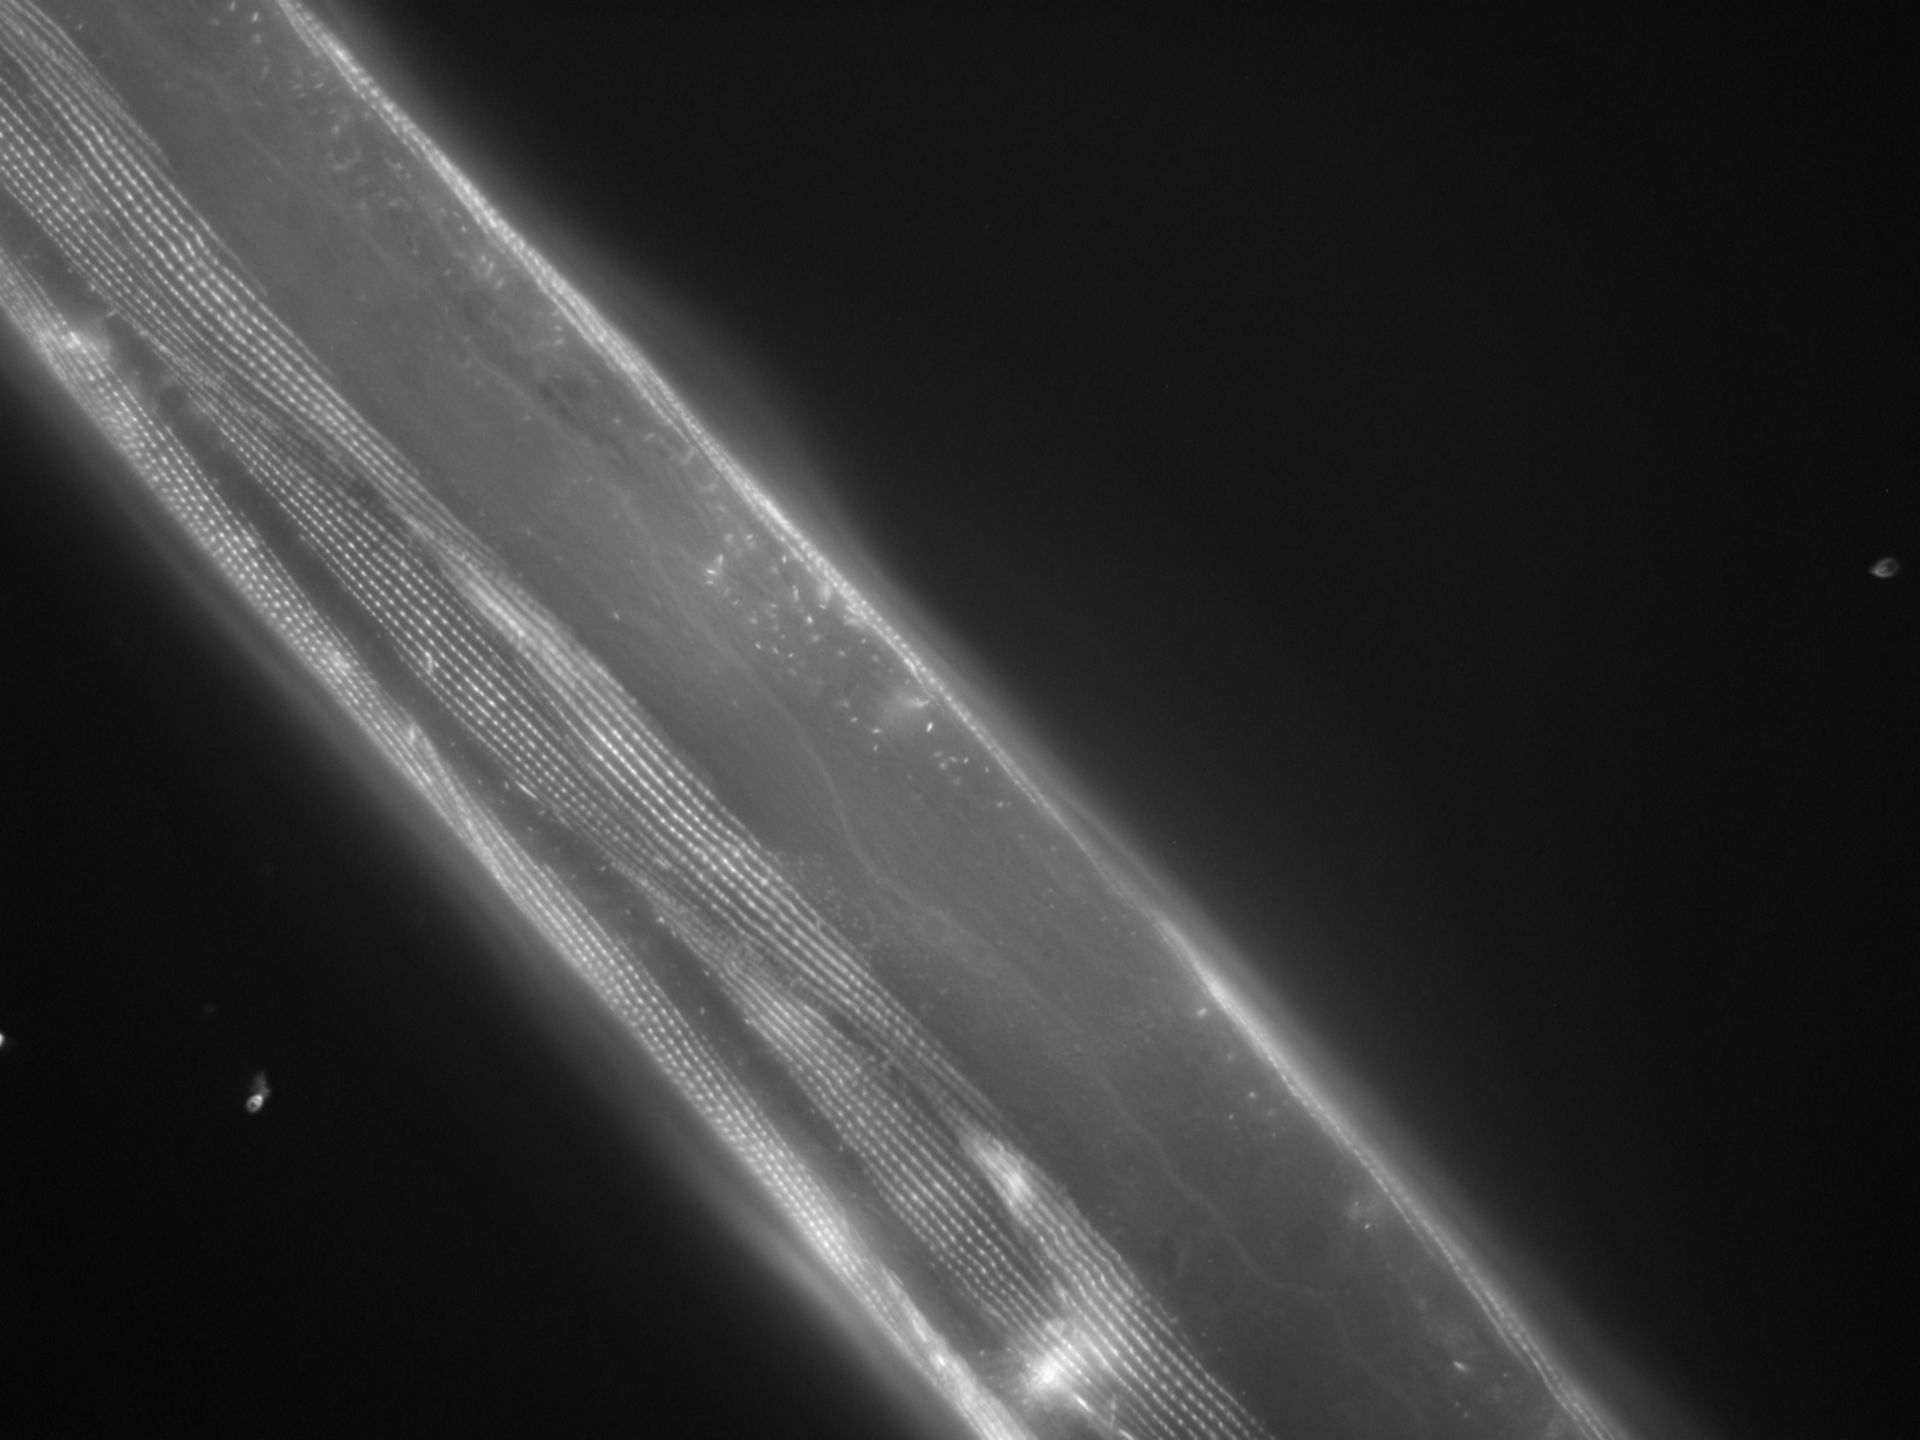 Caenorhabditis elegans (filamento di actina) - CIL:1018